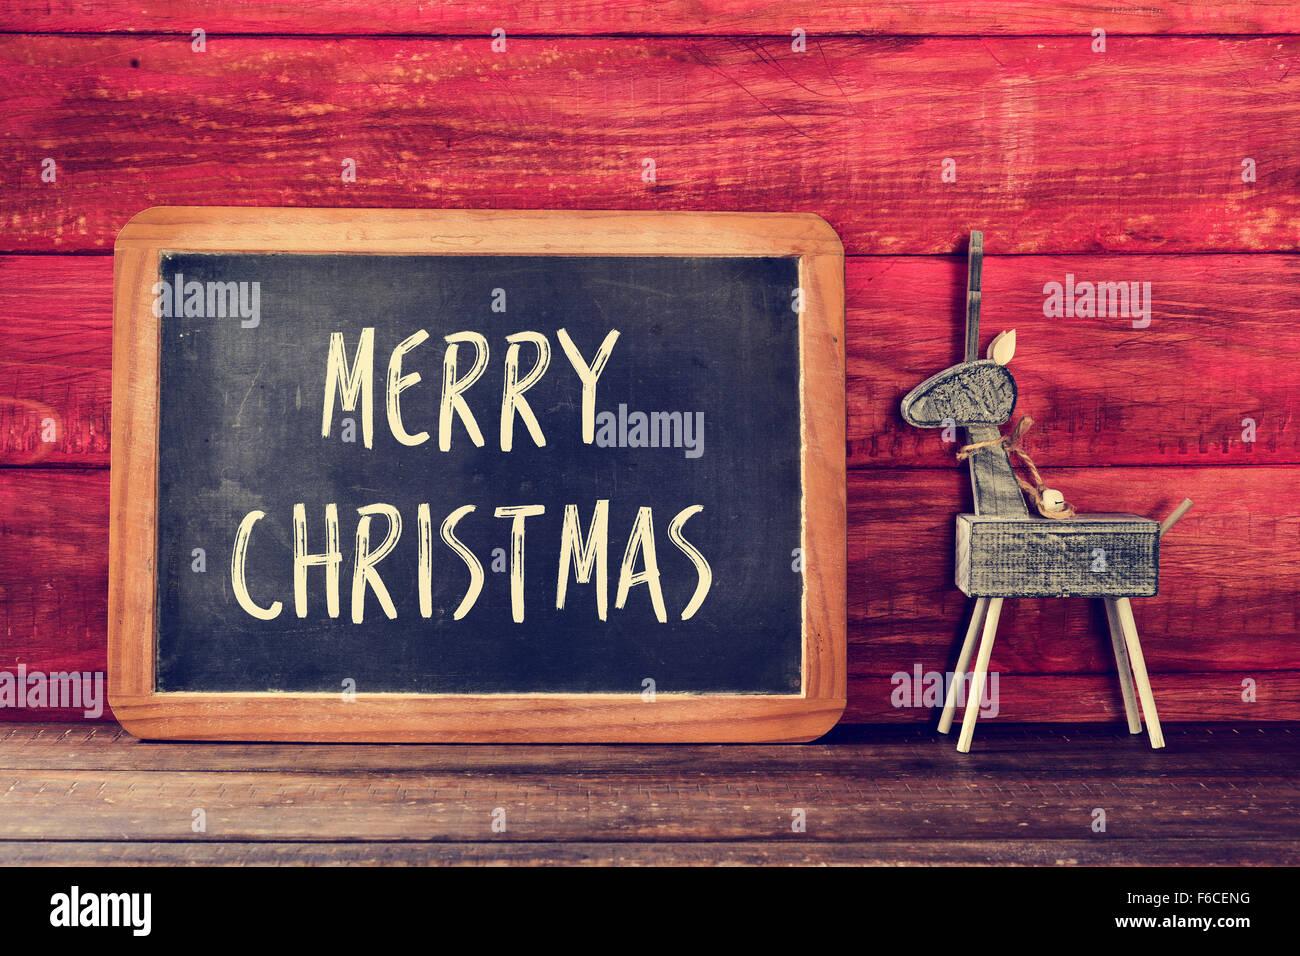 eine Tafel mit dem Text Frohe Weihnachten geschrieben und ein rustikales Holz Rentier auf einer Holzfläche Stockbild